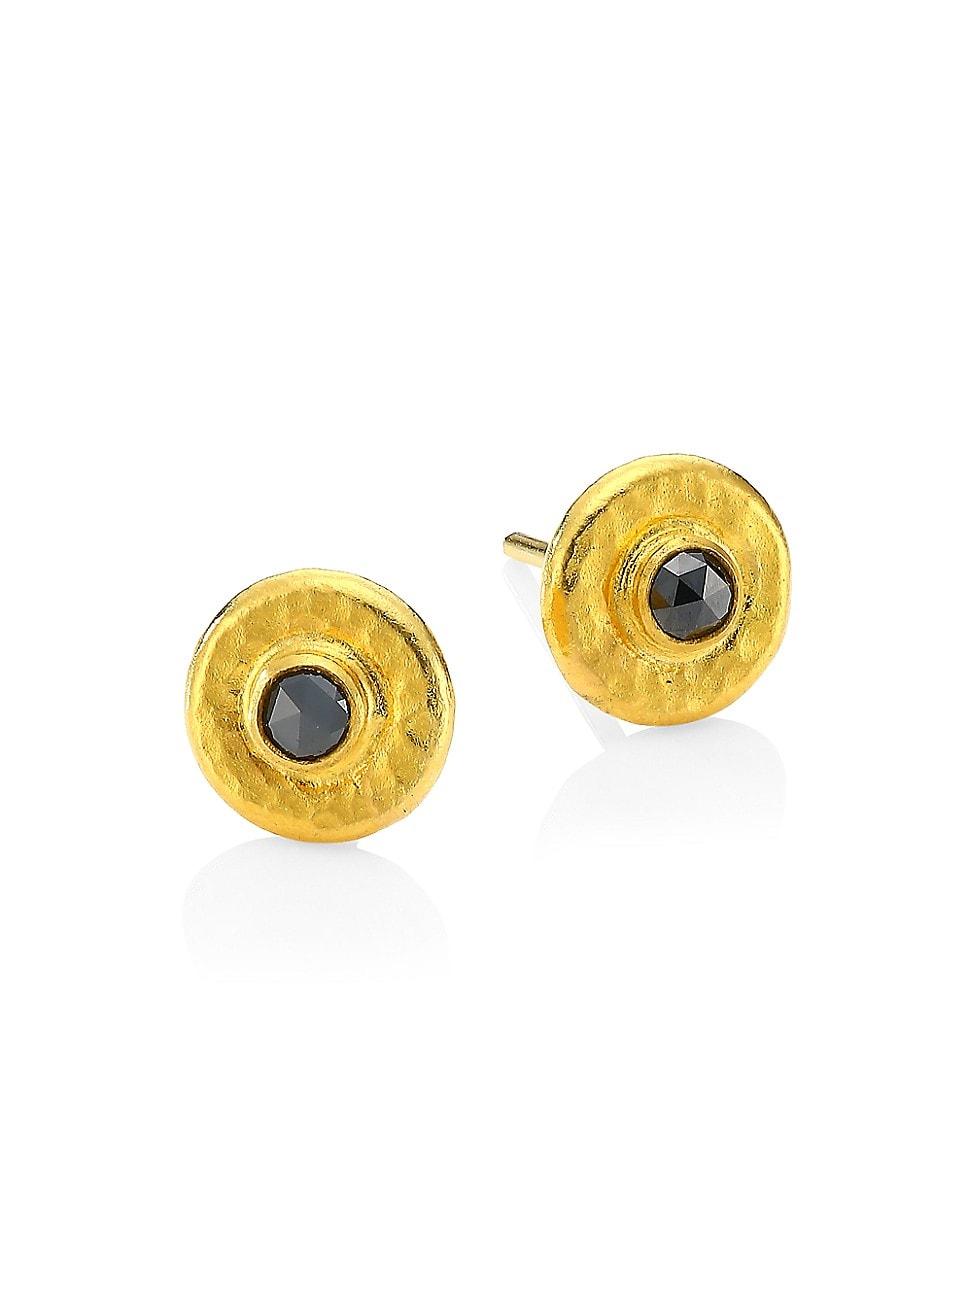 Gurhan WOMEN'S RAIN 24K YELLOW GOLD & BLACK DIAMOND STUD EARRINGS